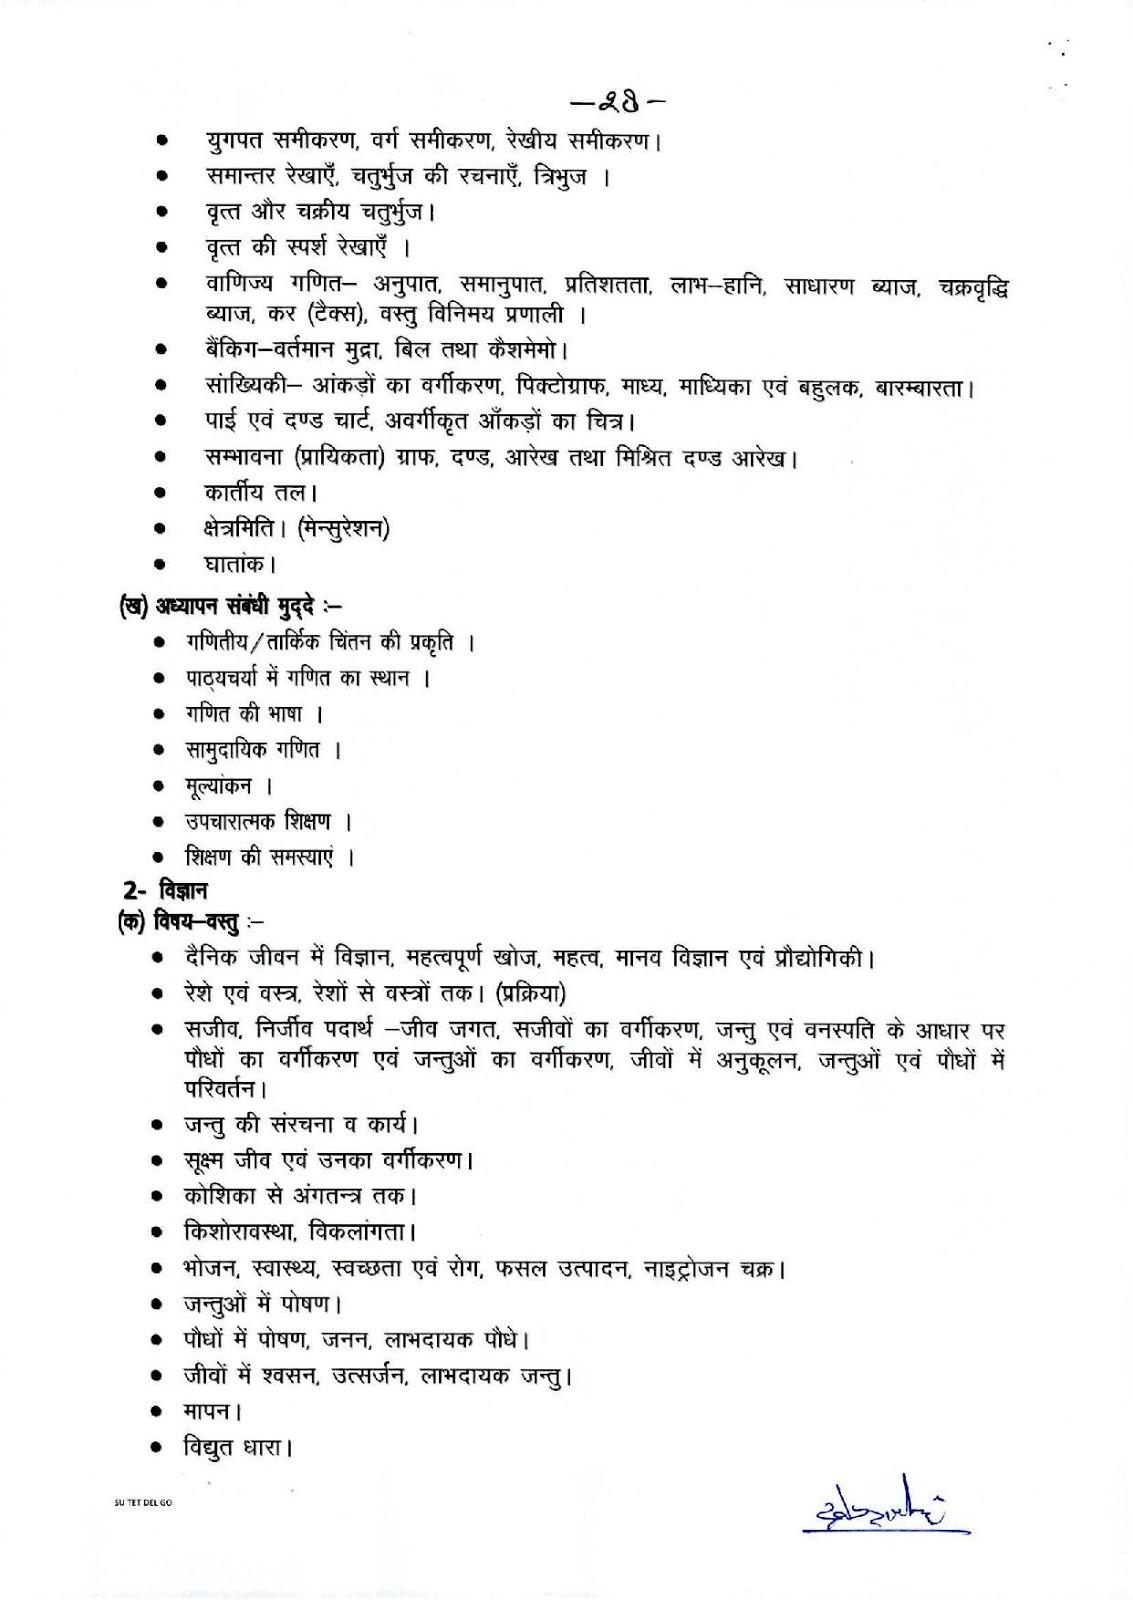 उच्च प्राथमिक पेपर-II (कक्षा 6 से 8 तक) पाठ्यक्रम देखे -5